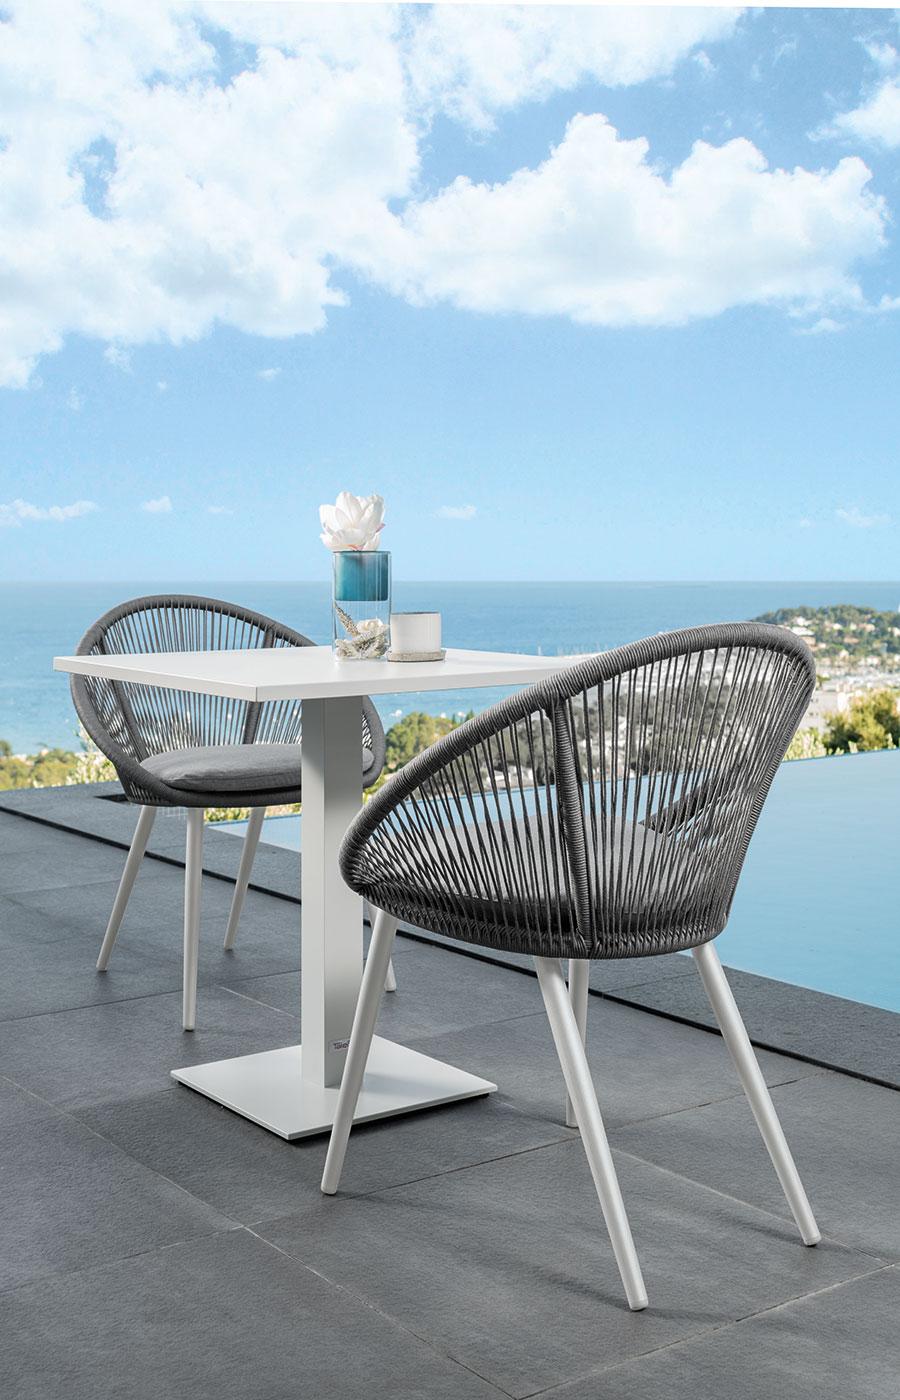 Struttura in alluminio bianco ed intreccio di corde grigie. Forme arrotondate, eleganti ed originali. Una sedia da giardino lussuosa in vendita online.